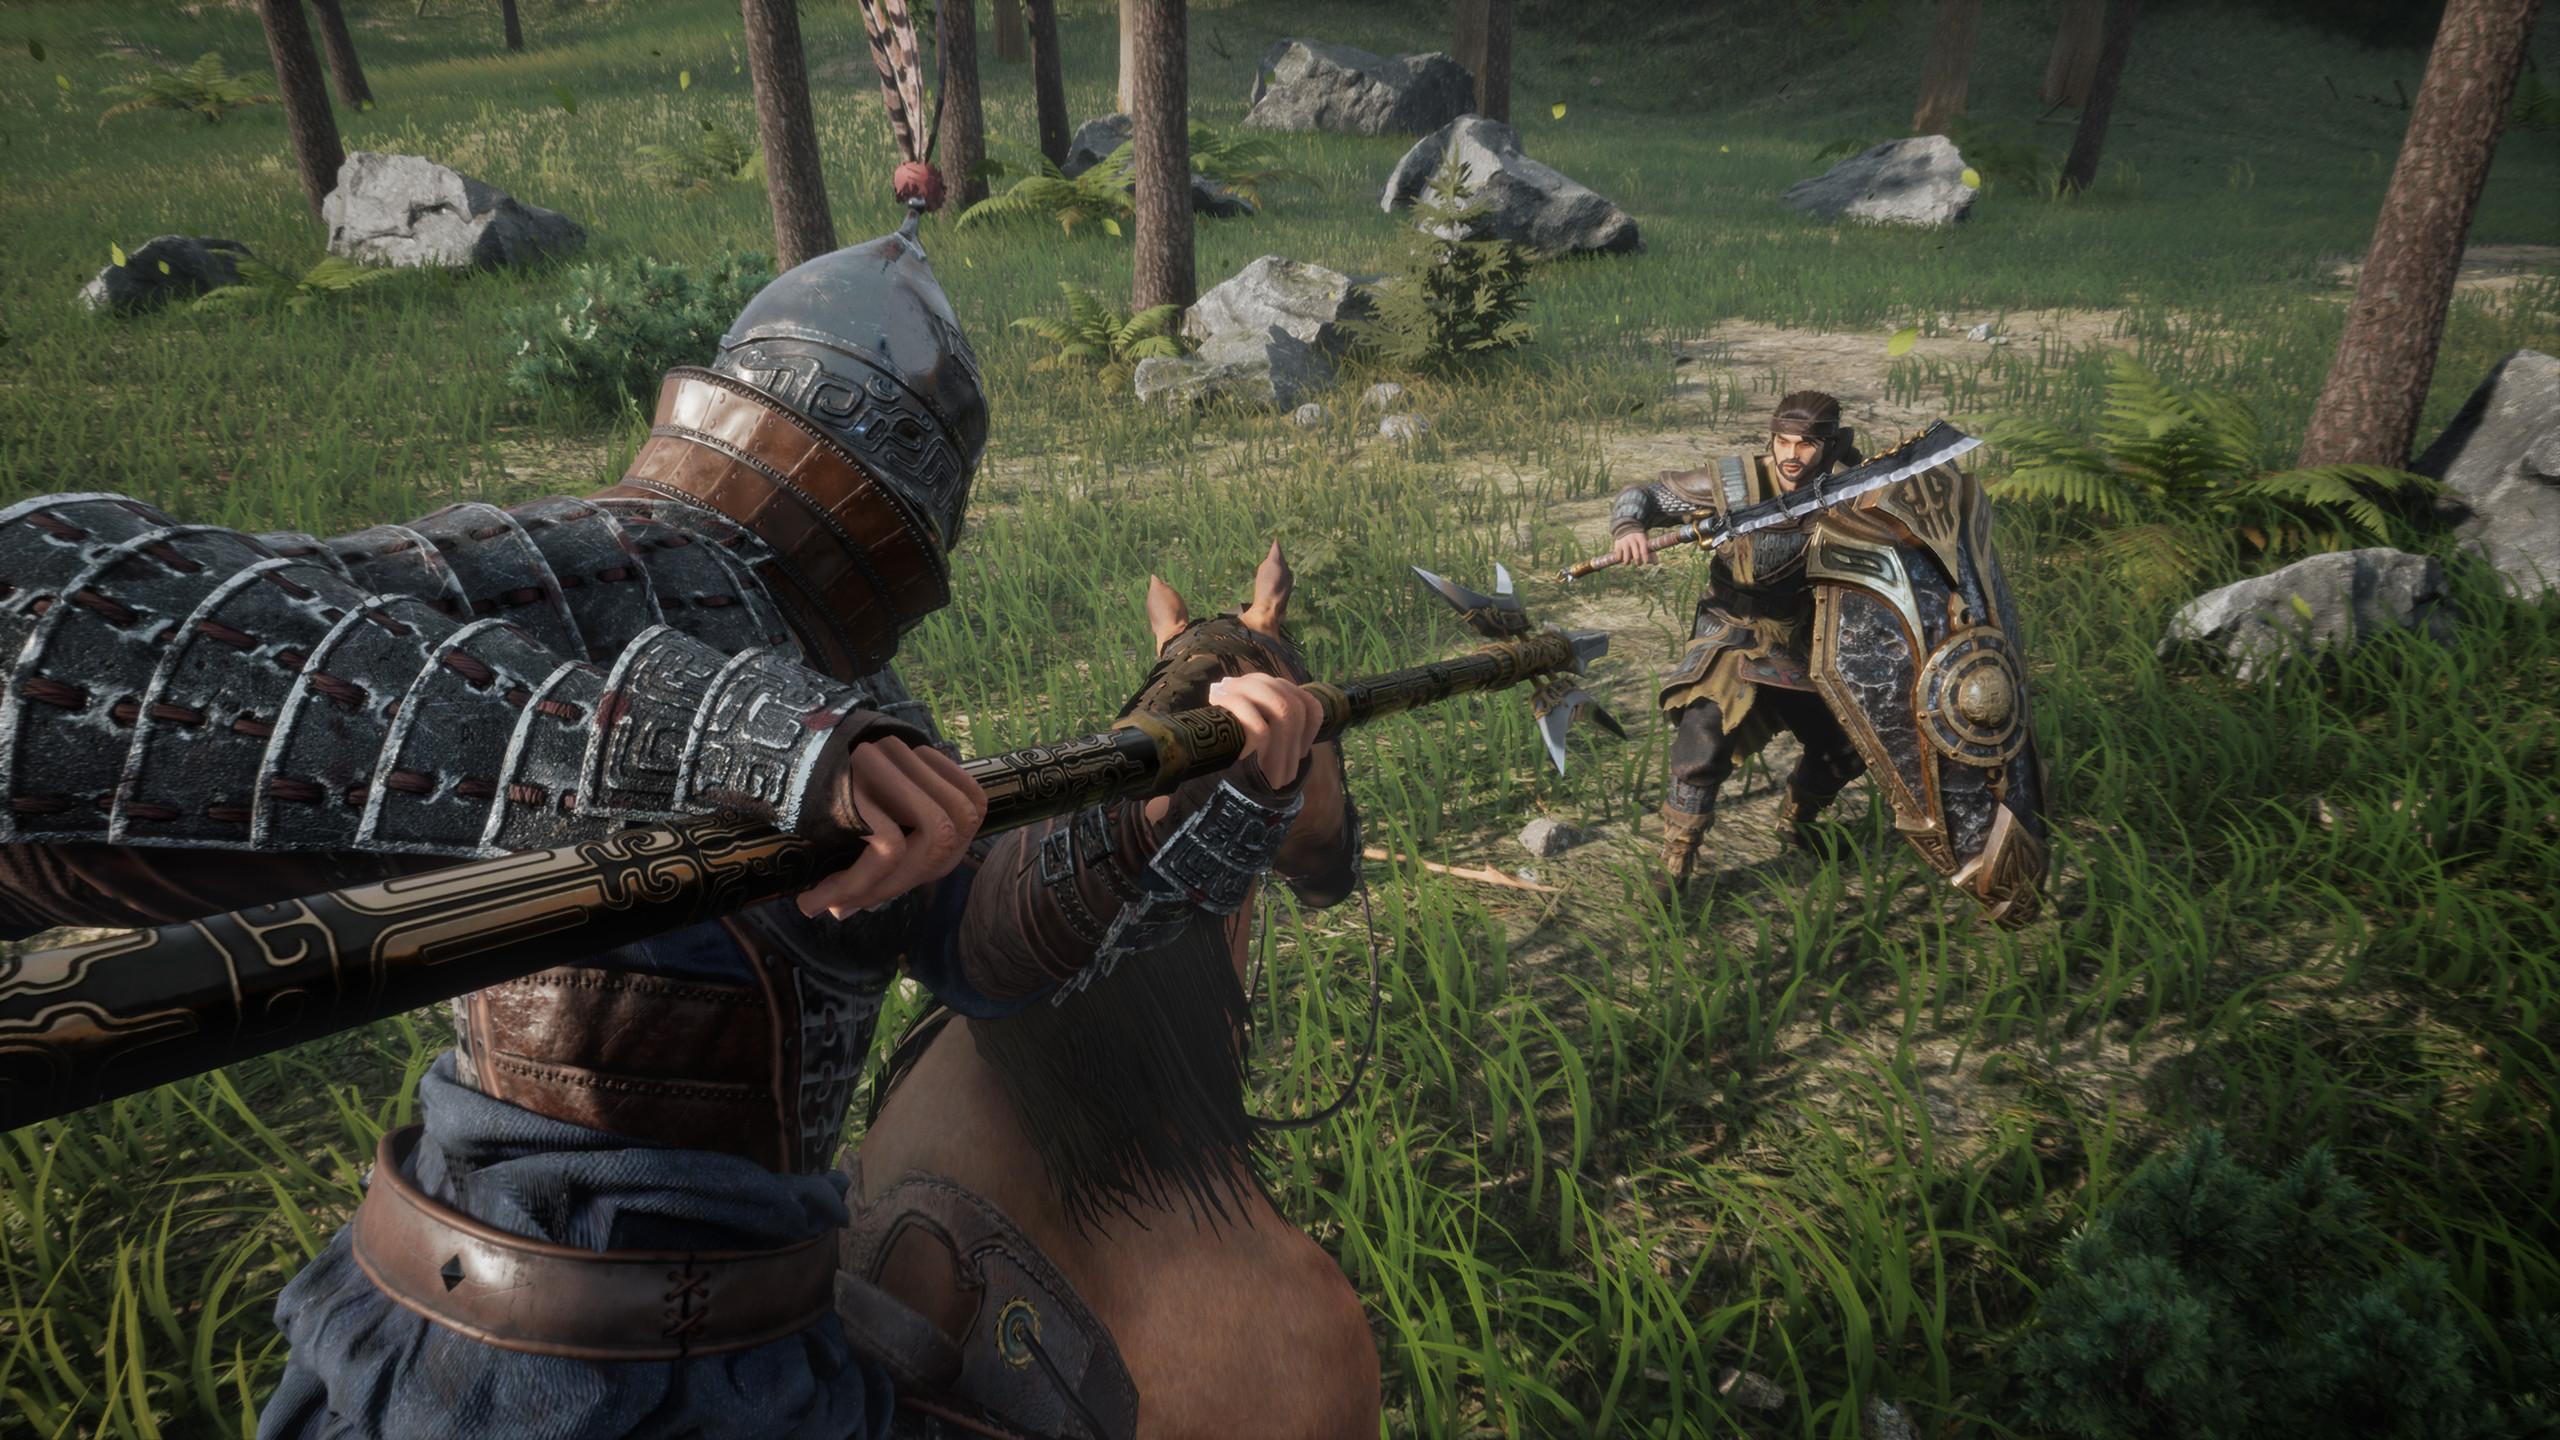 Screen z gry Myth of Empires przedstawiający szarżę konną na piechura